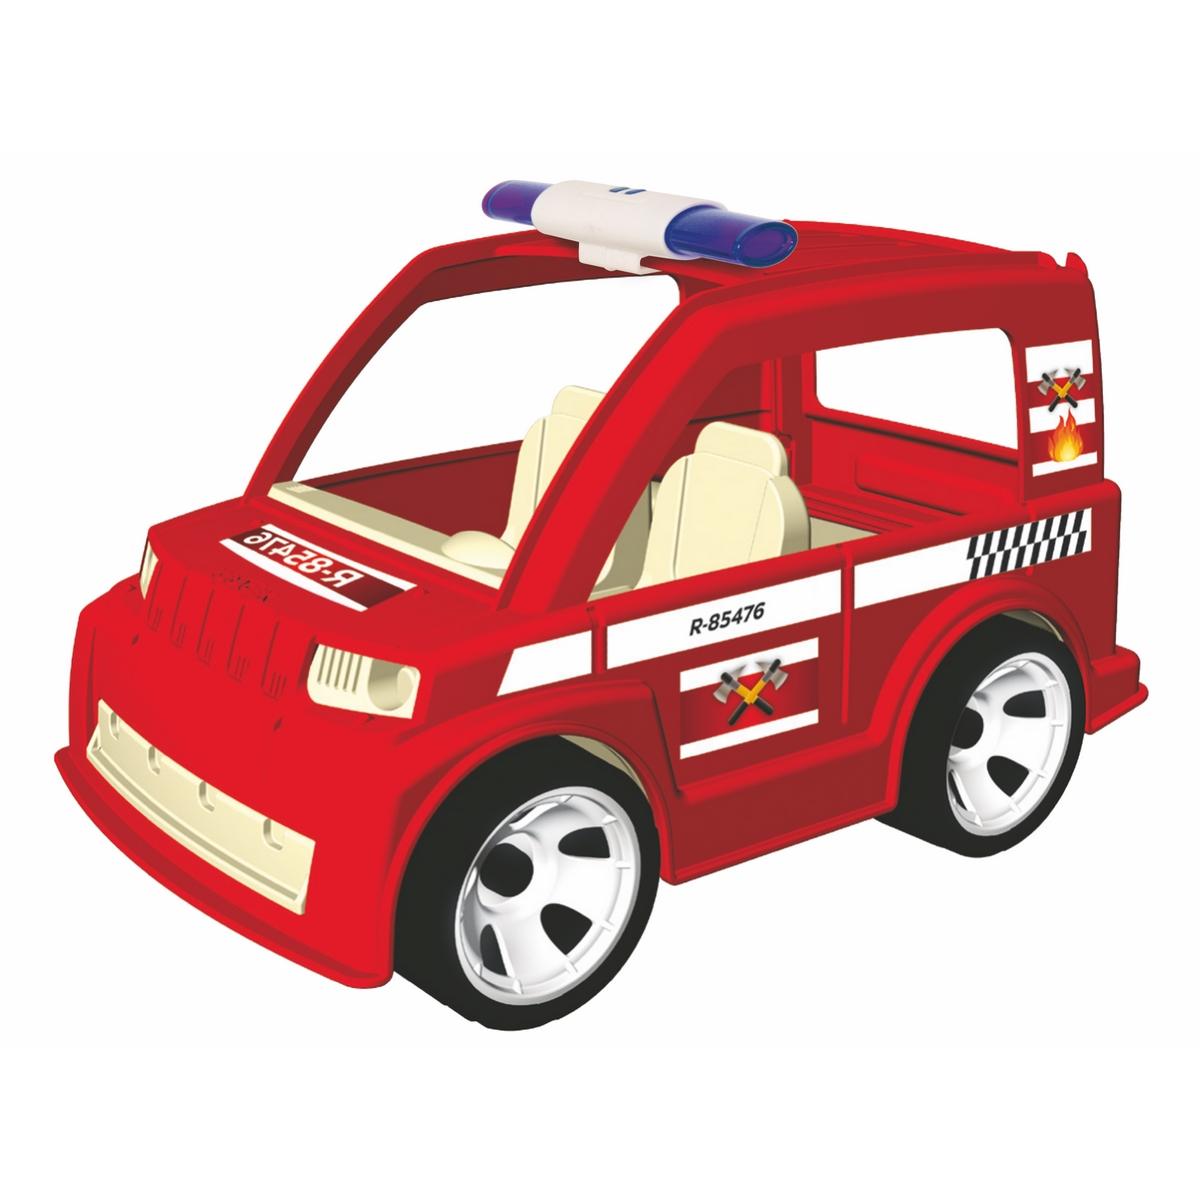 Igracek Пожарная машина с пожарным23218ПОЖАР!!!! Идеальная машина для быстрого реагирования! Задняя дверь открывается. Размер машины: 19 x 11 x 11 cm. Фигурка полицейского включена в набор. Высокое качество сборки и материалов.